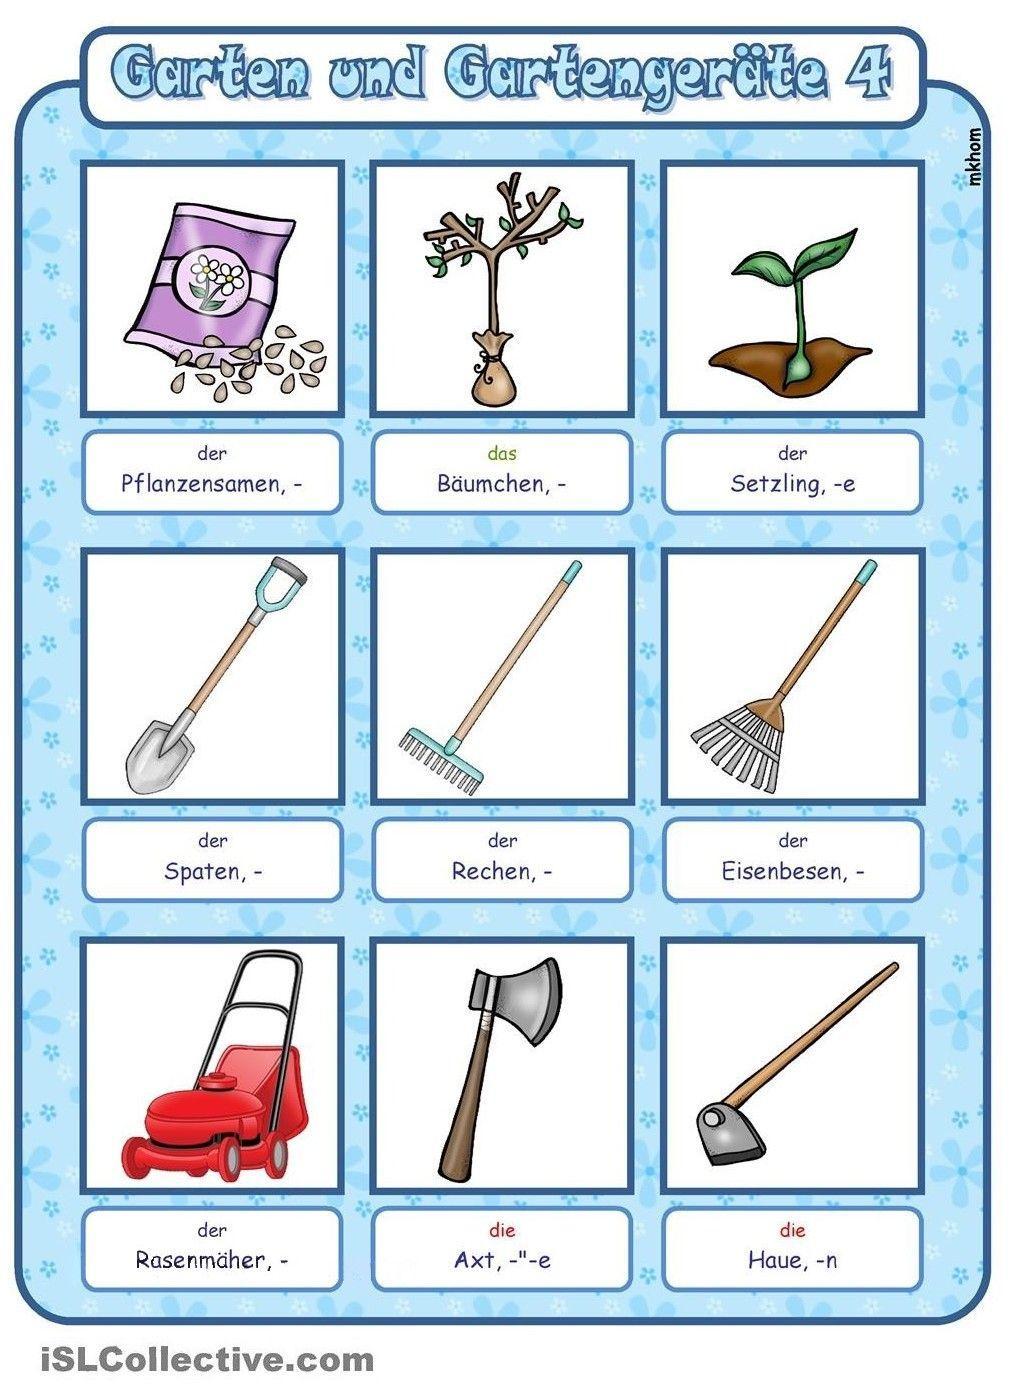 Gartengeräte Bilder Und Namen